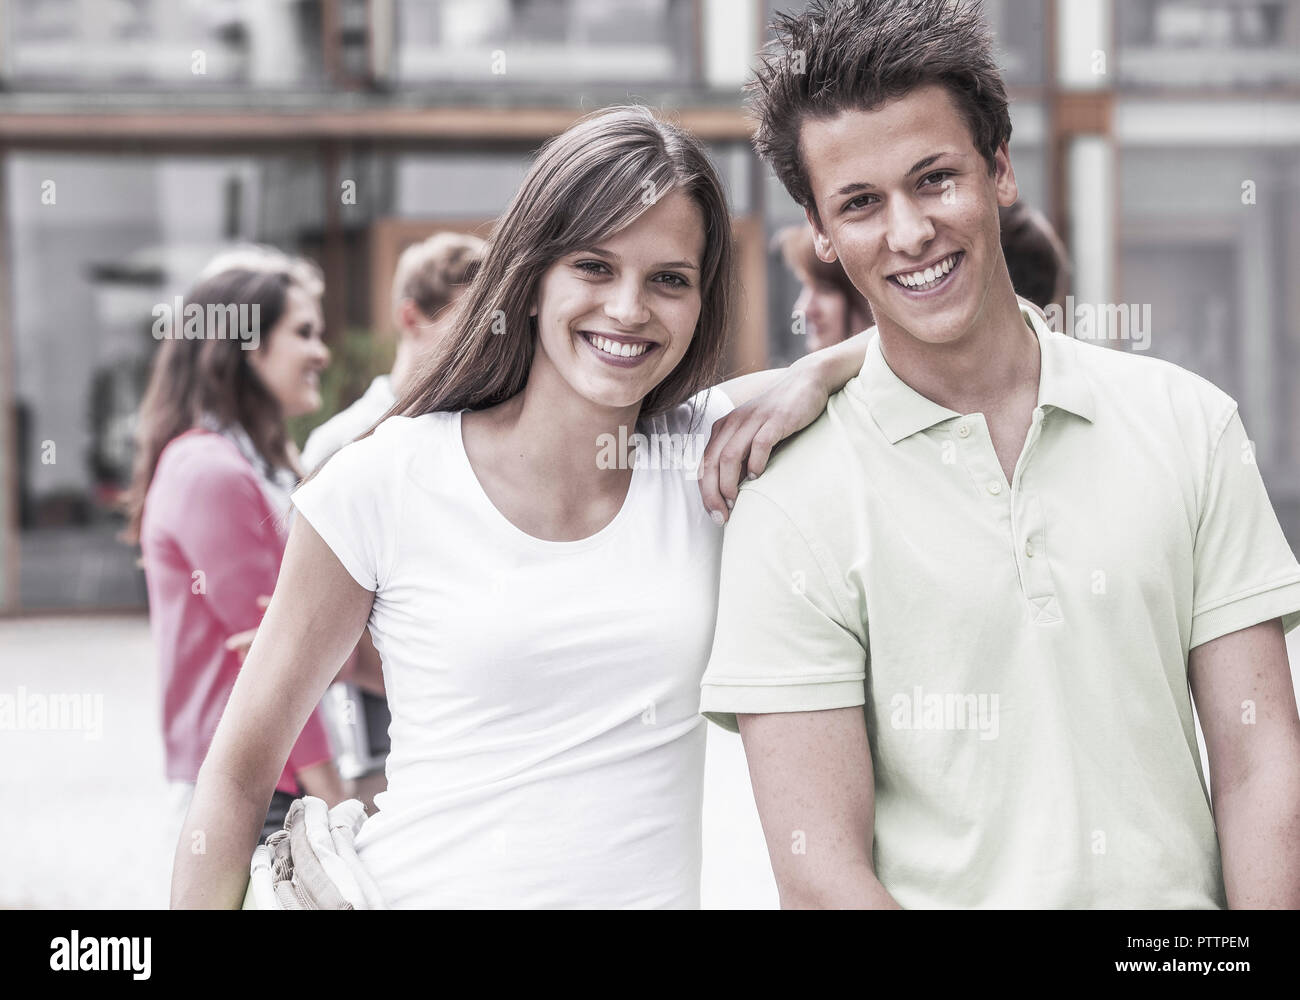 Junges Paar Laechelt in Kamera (Model-Release) Stockbild